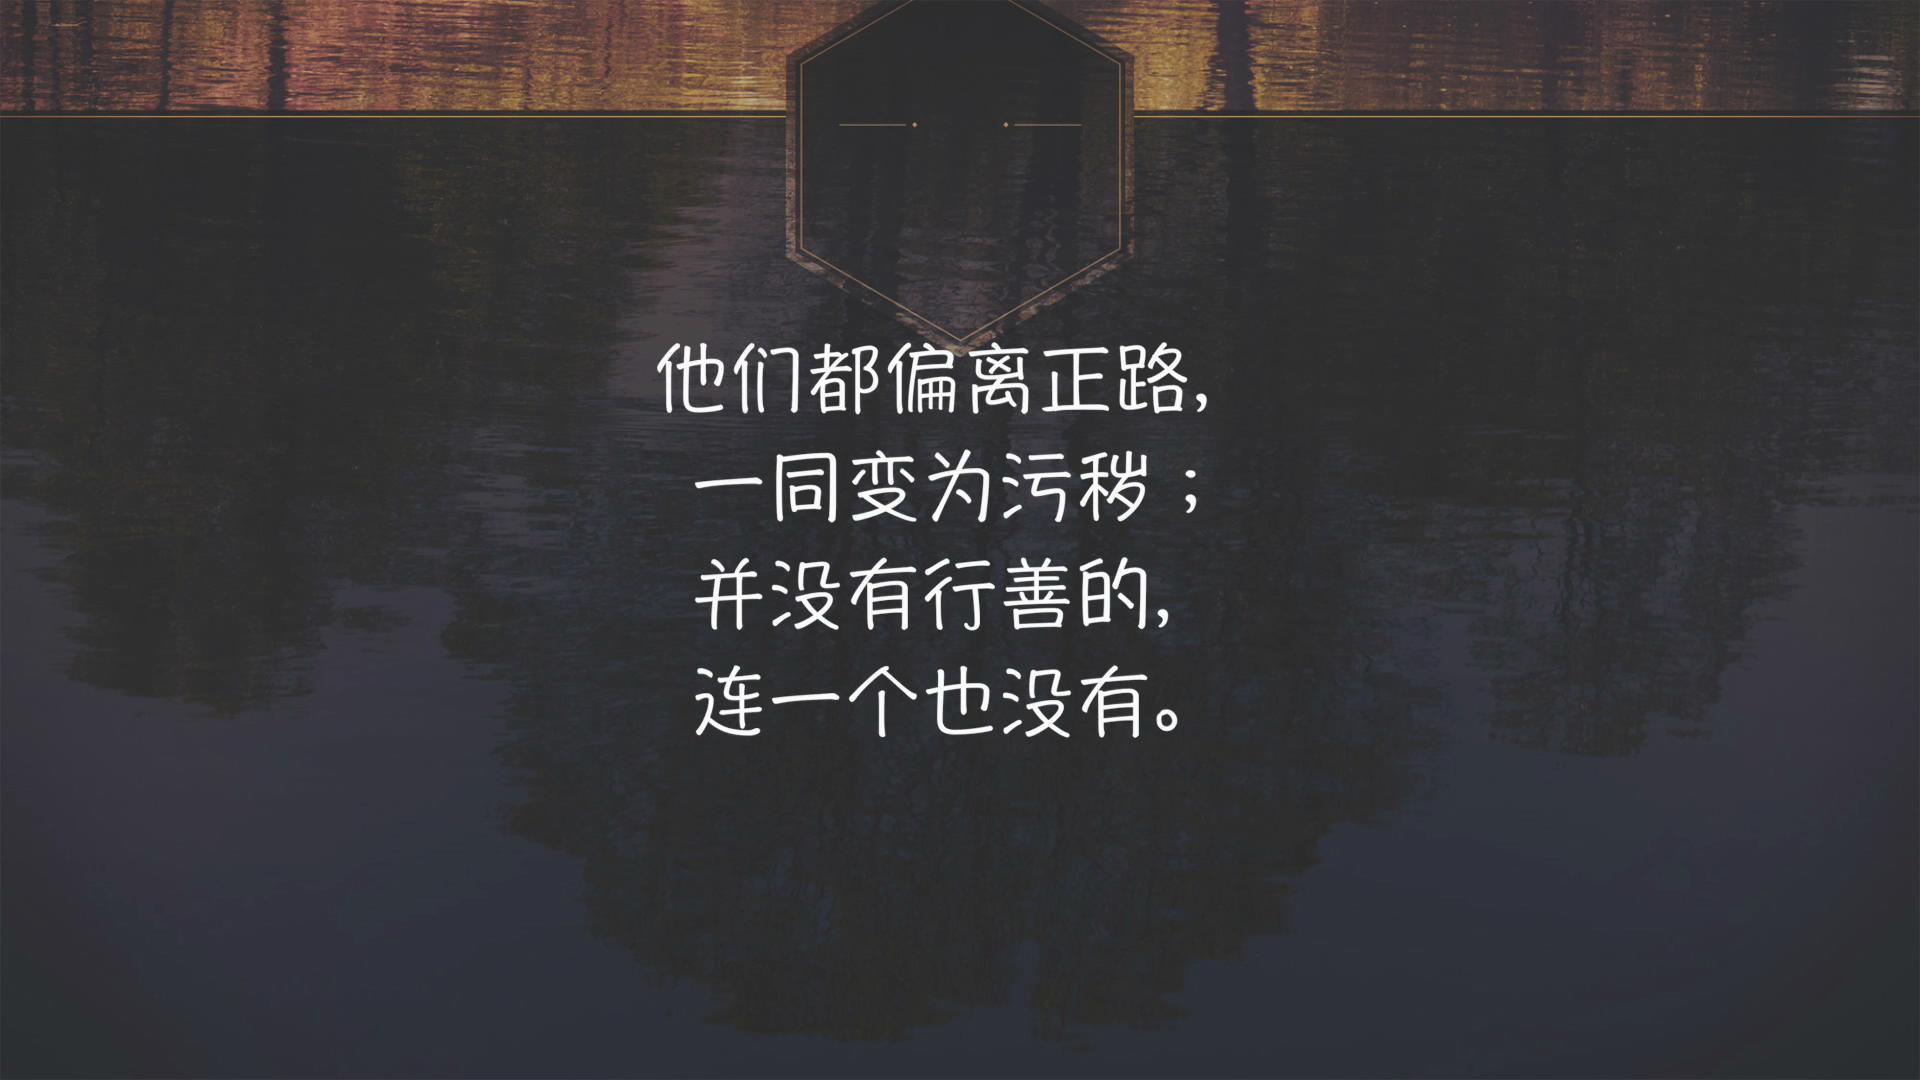 圣经三分钟 诗篇14_20180715103028.JPG